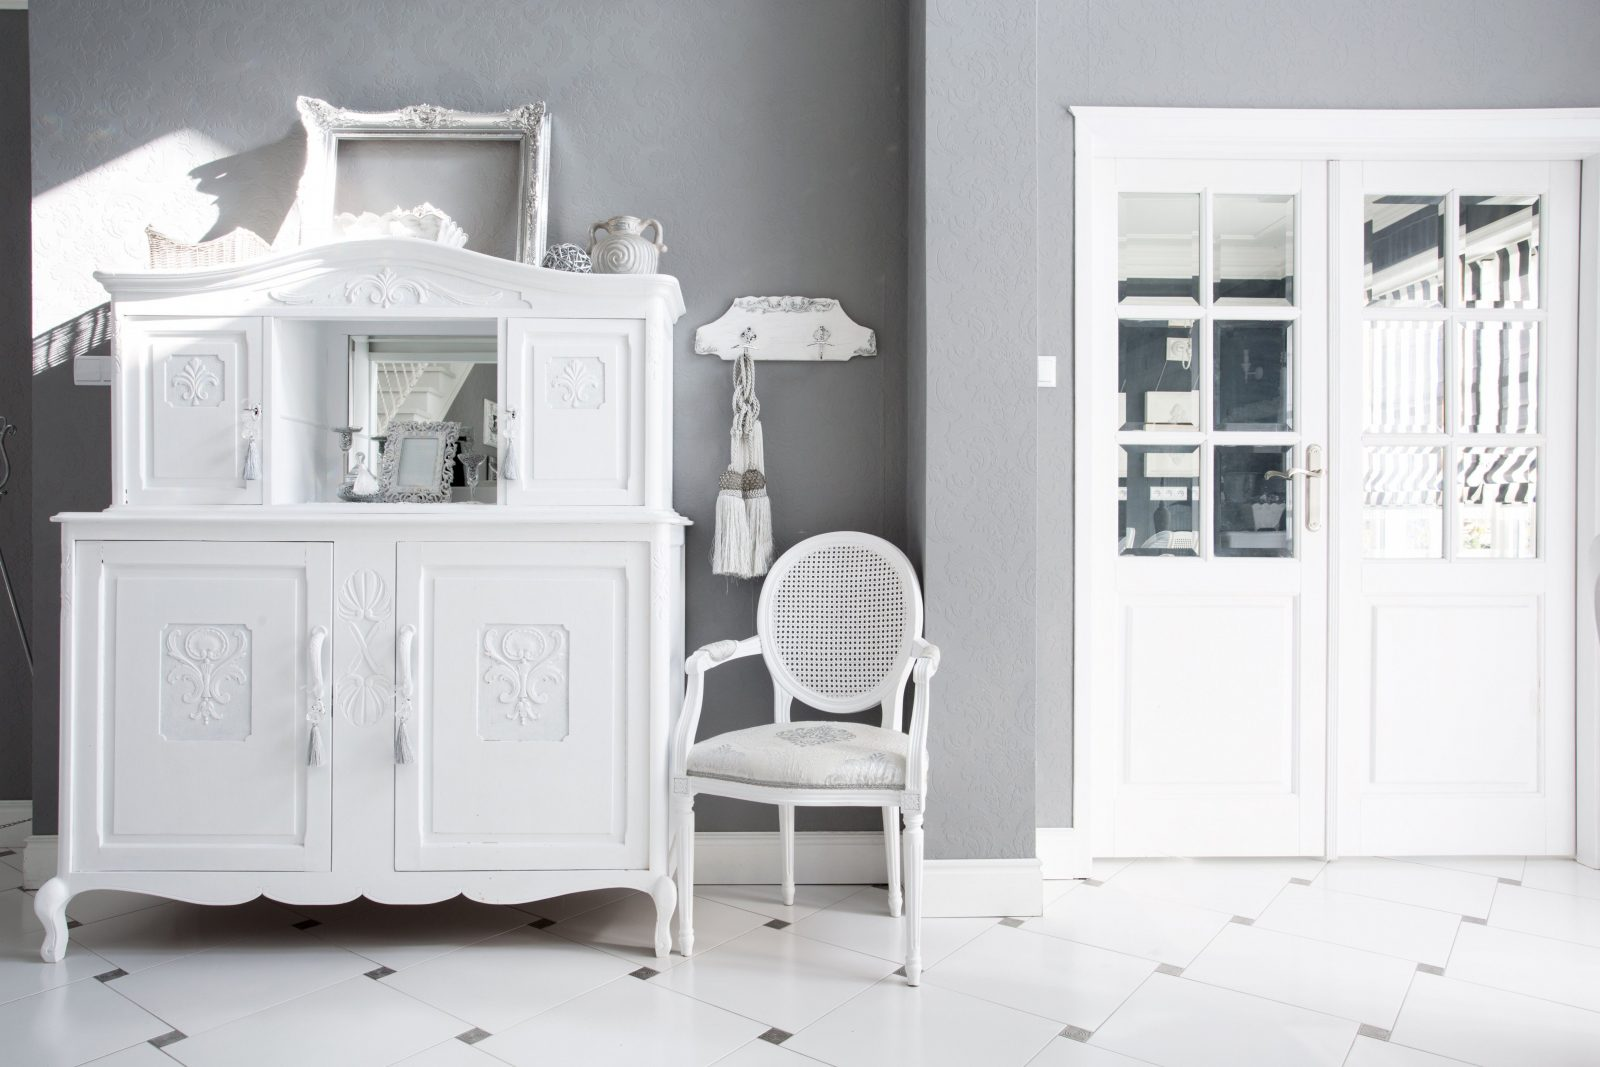 Fabelhafte Dunkle Möbel Weiß Streichen 43 Graue Wã Nde Weiã E Mã Bel von Dunkle Möbel Weiß Streichen Photo